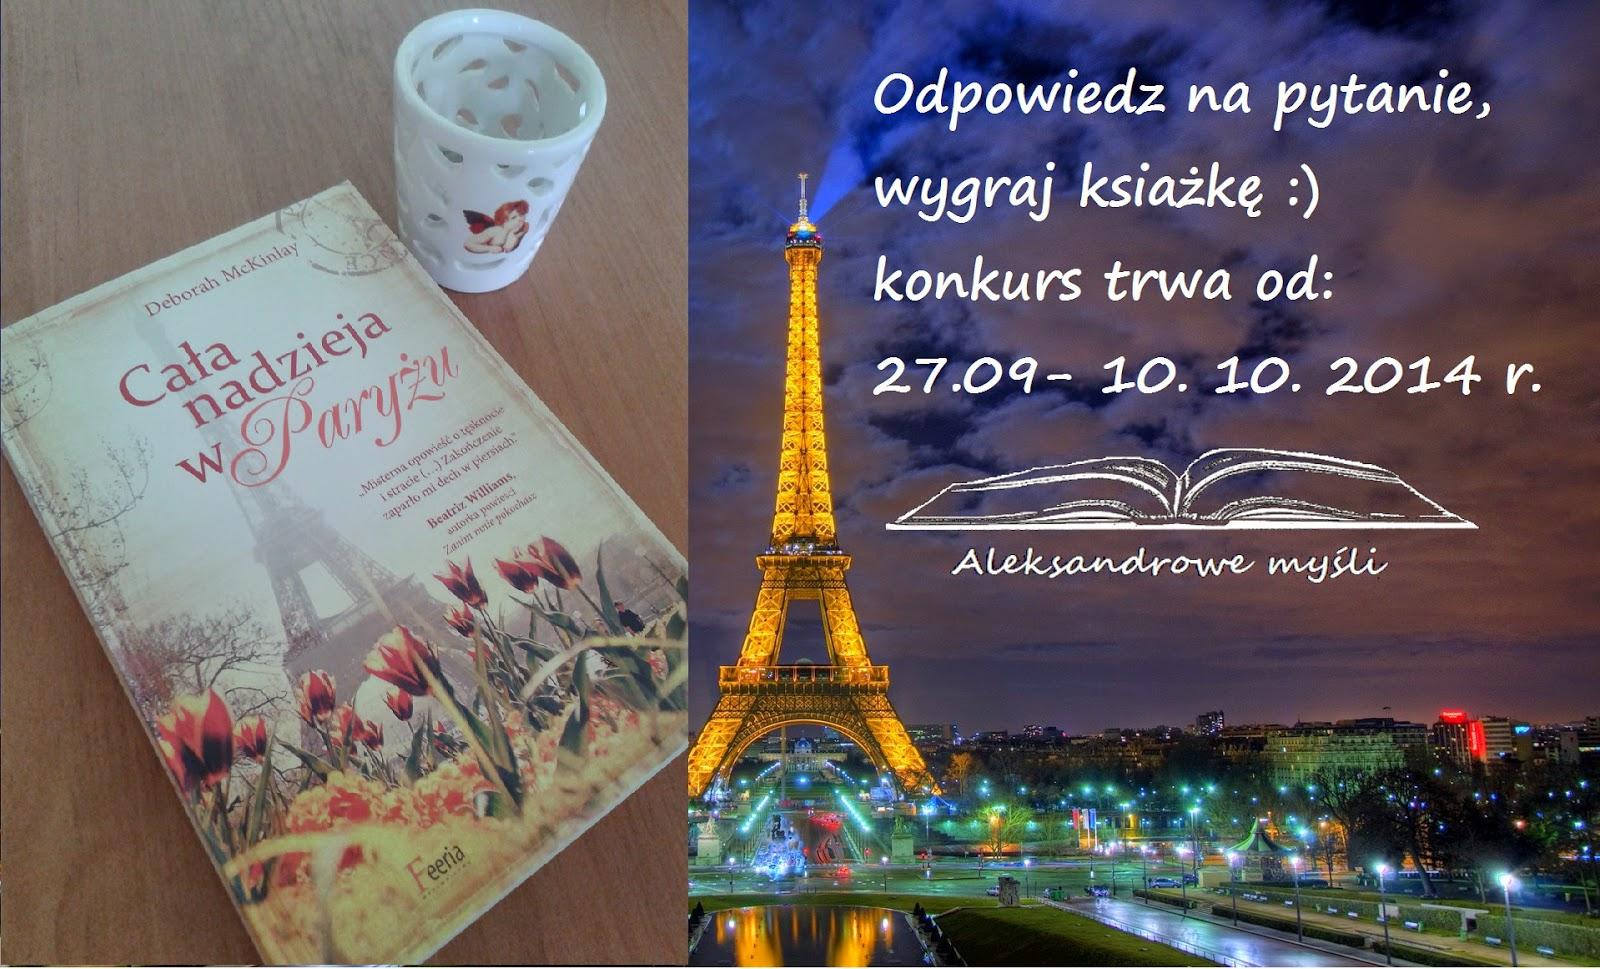 http://aleksandrowemysli.blogspot.com/2014/09/wygraj-ksiazke-caa-nadzieja-w-paryzu.html